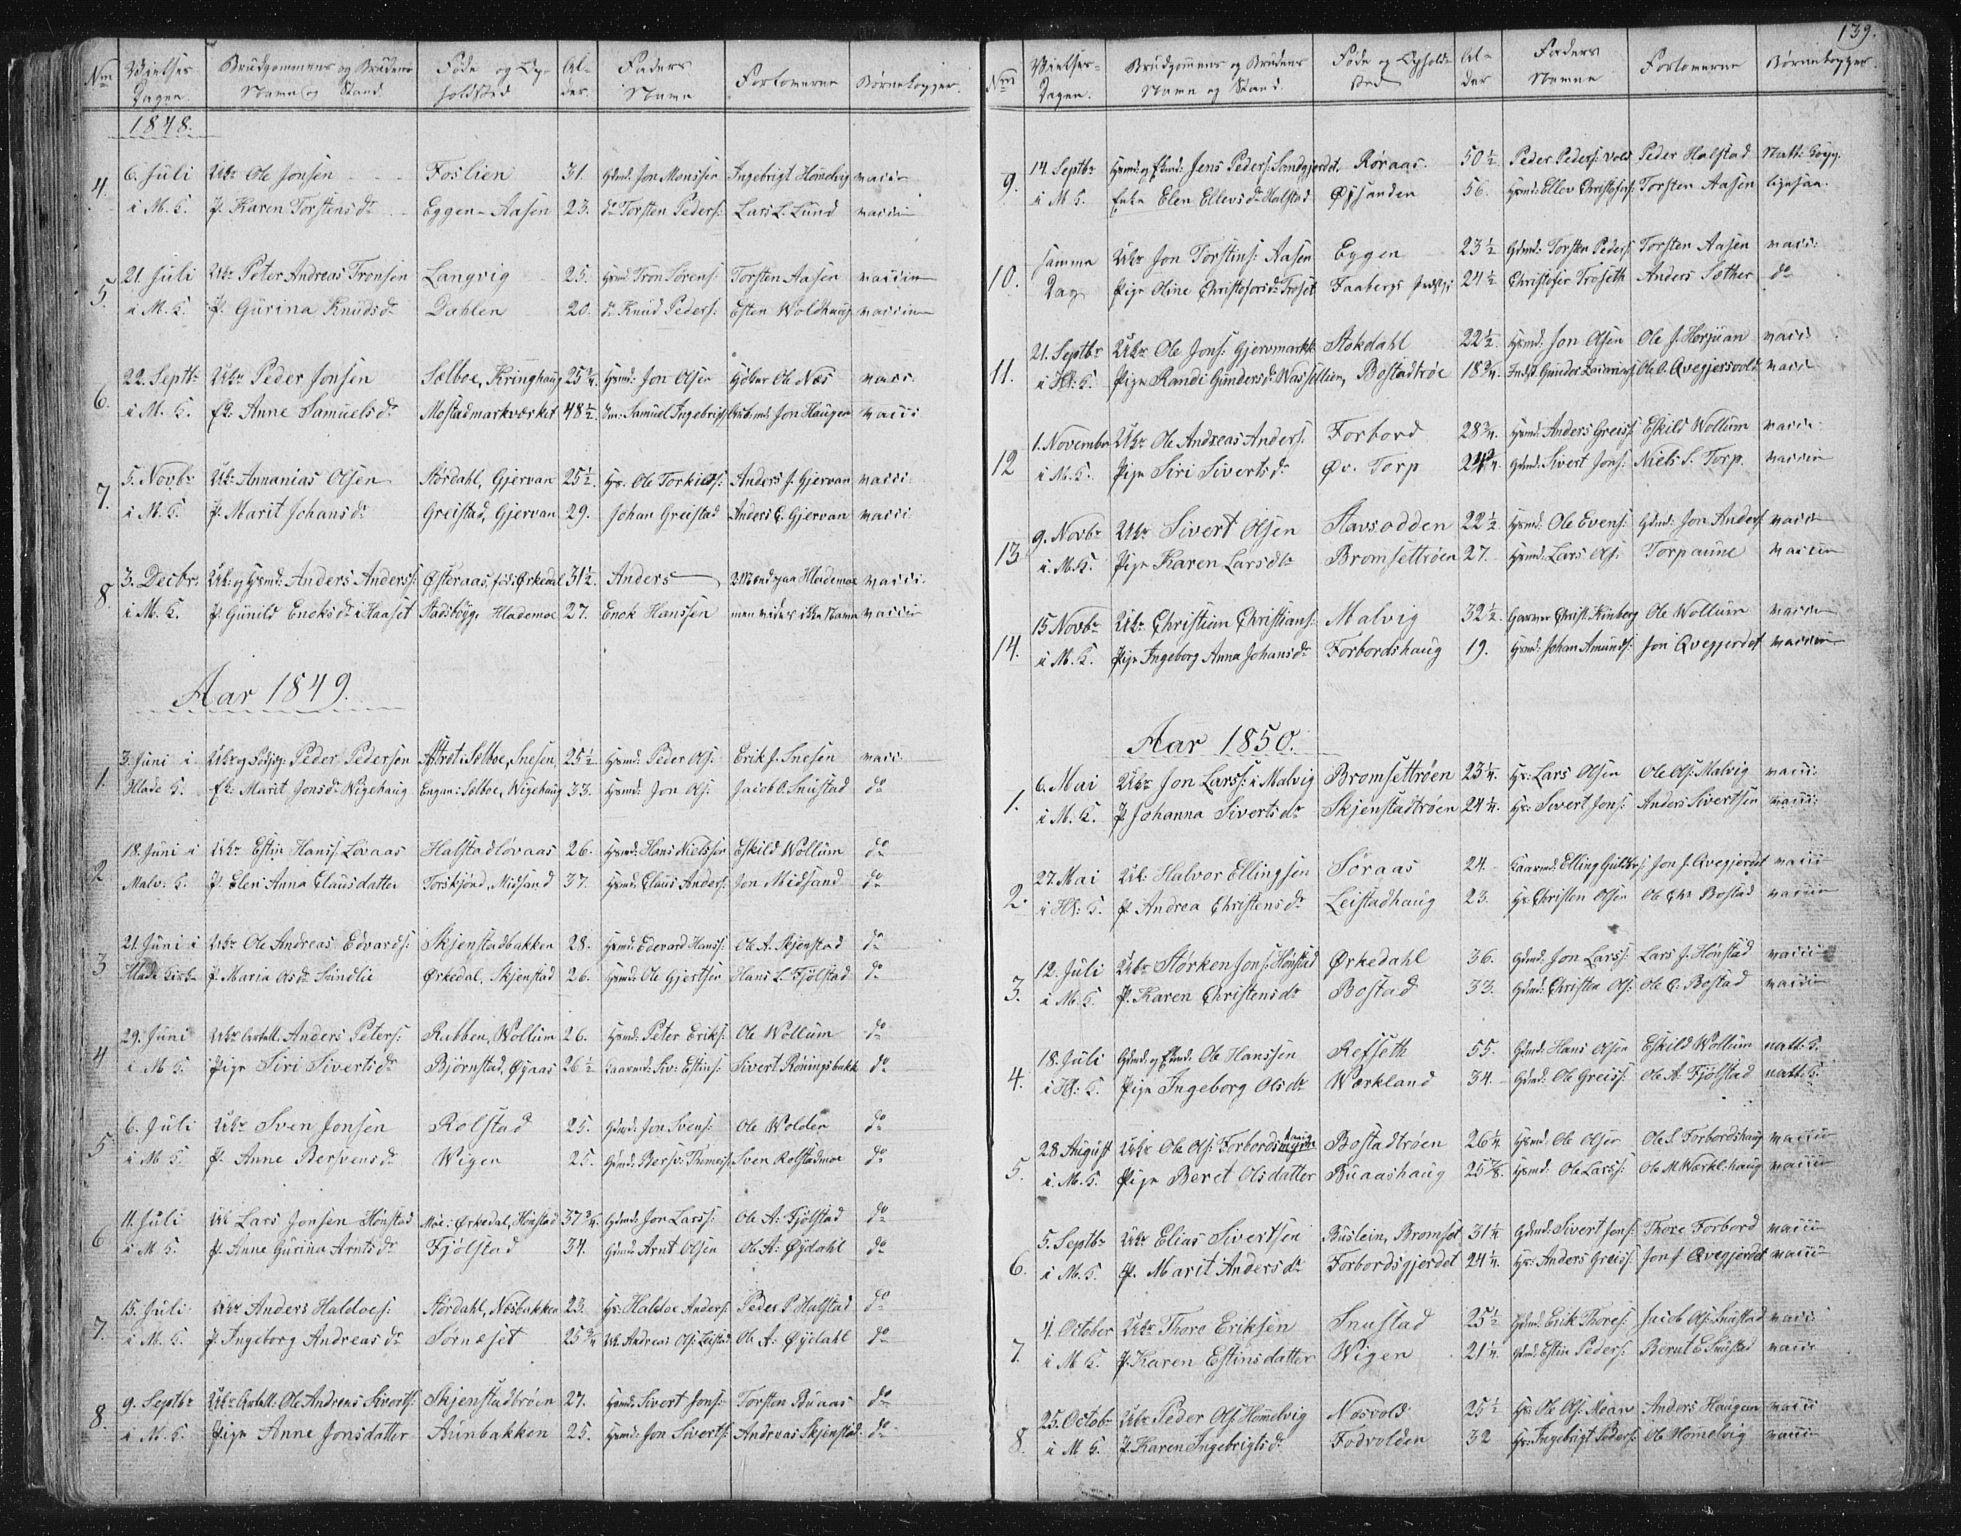 SAT, Ministerialprotokoller, klokkerbøker og fødselsregistre - Sør-Trøndelag, 616/L0406: Ministerialbok nr. 616A03, 1843-1879, s. 139